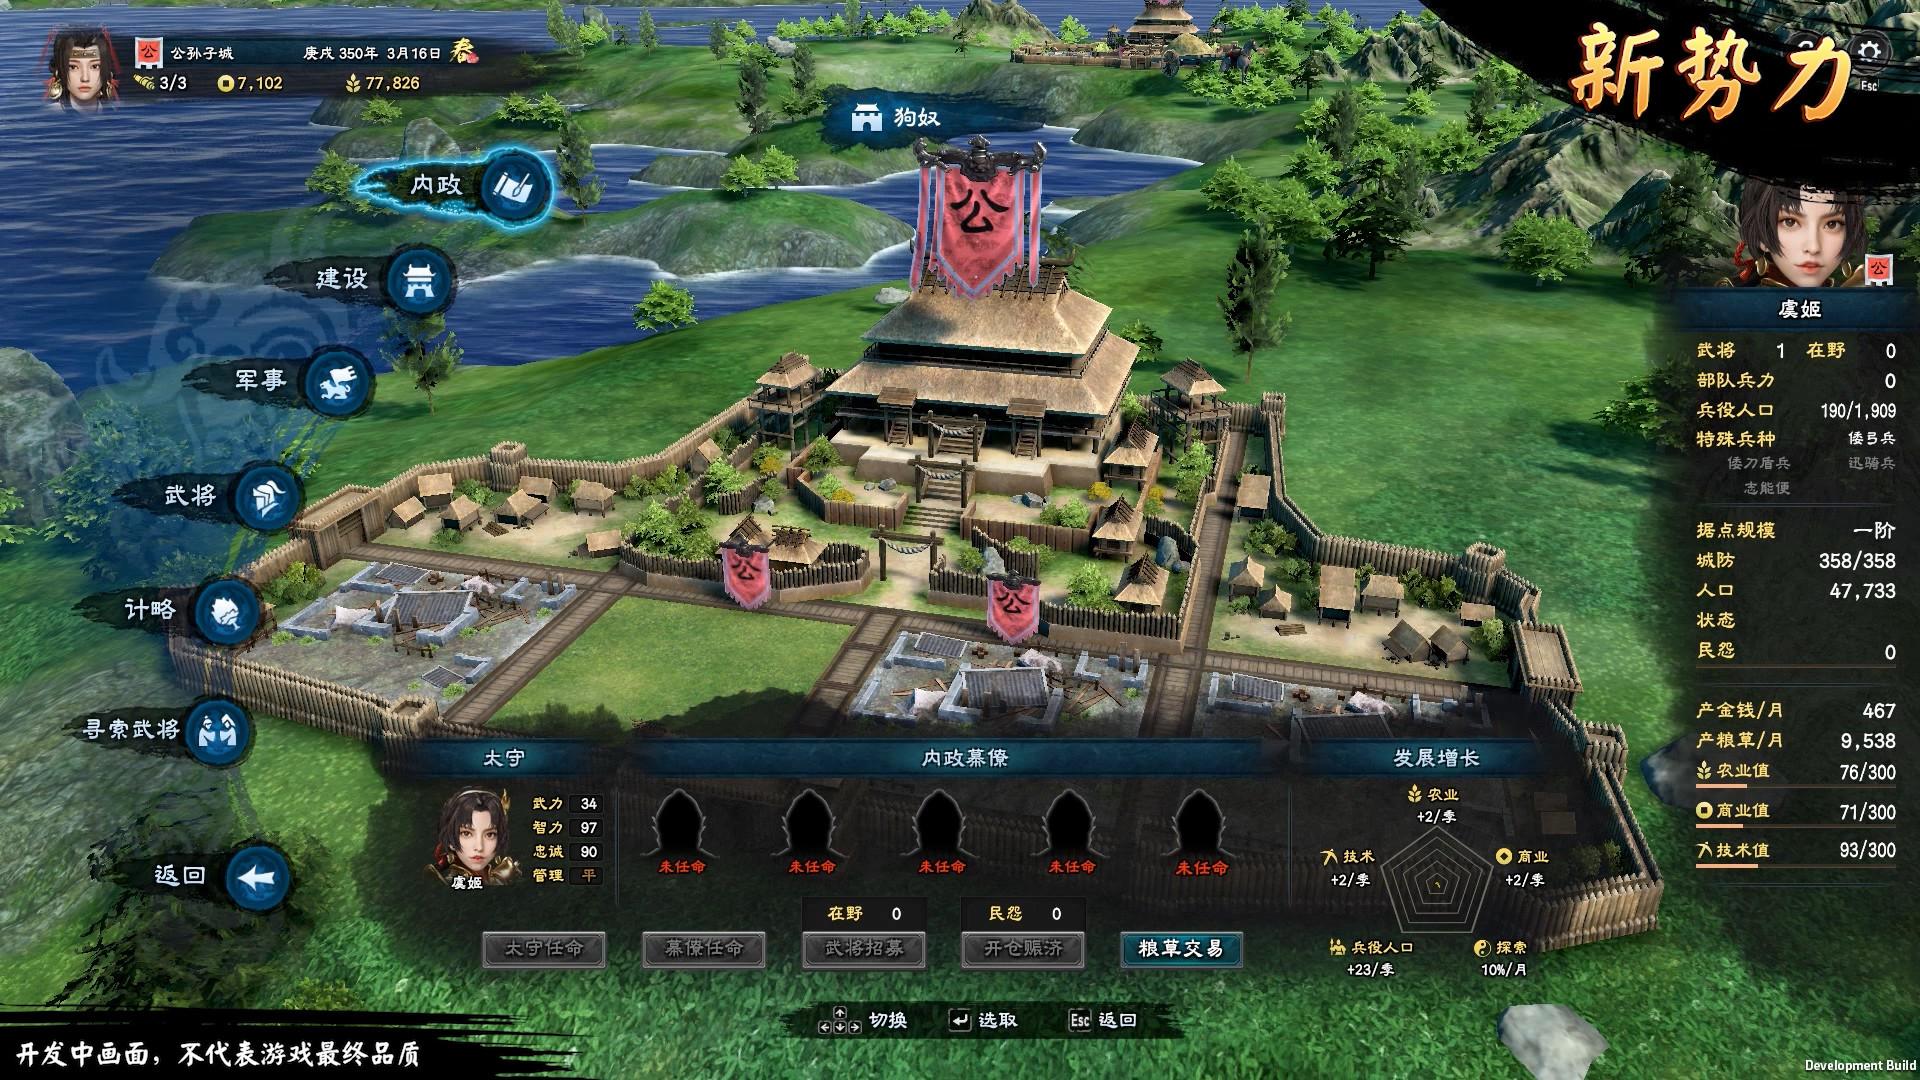 《三國群英傳8》DLC明日發售 倭族勢力正式登場